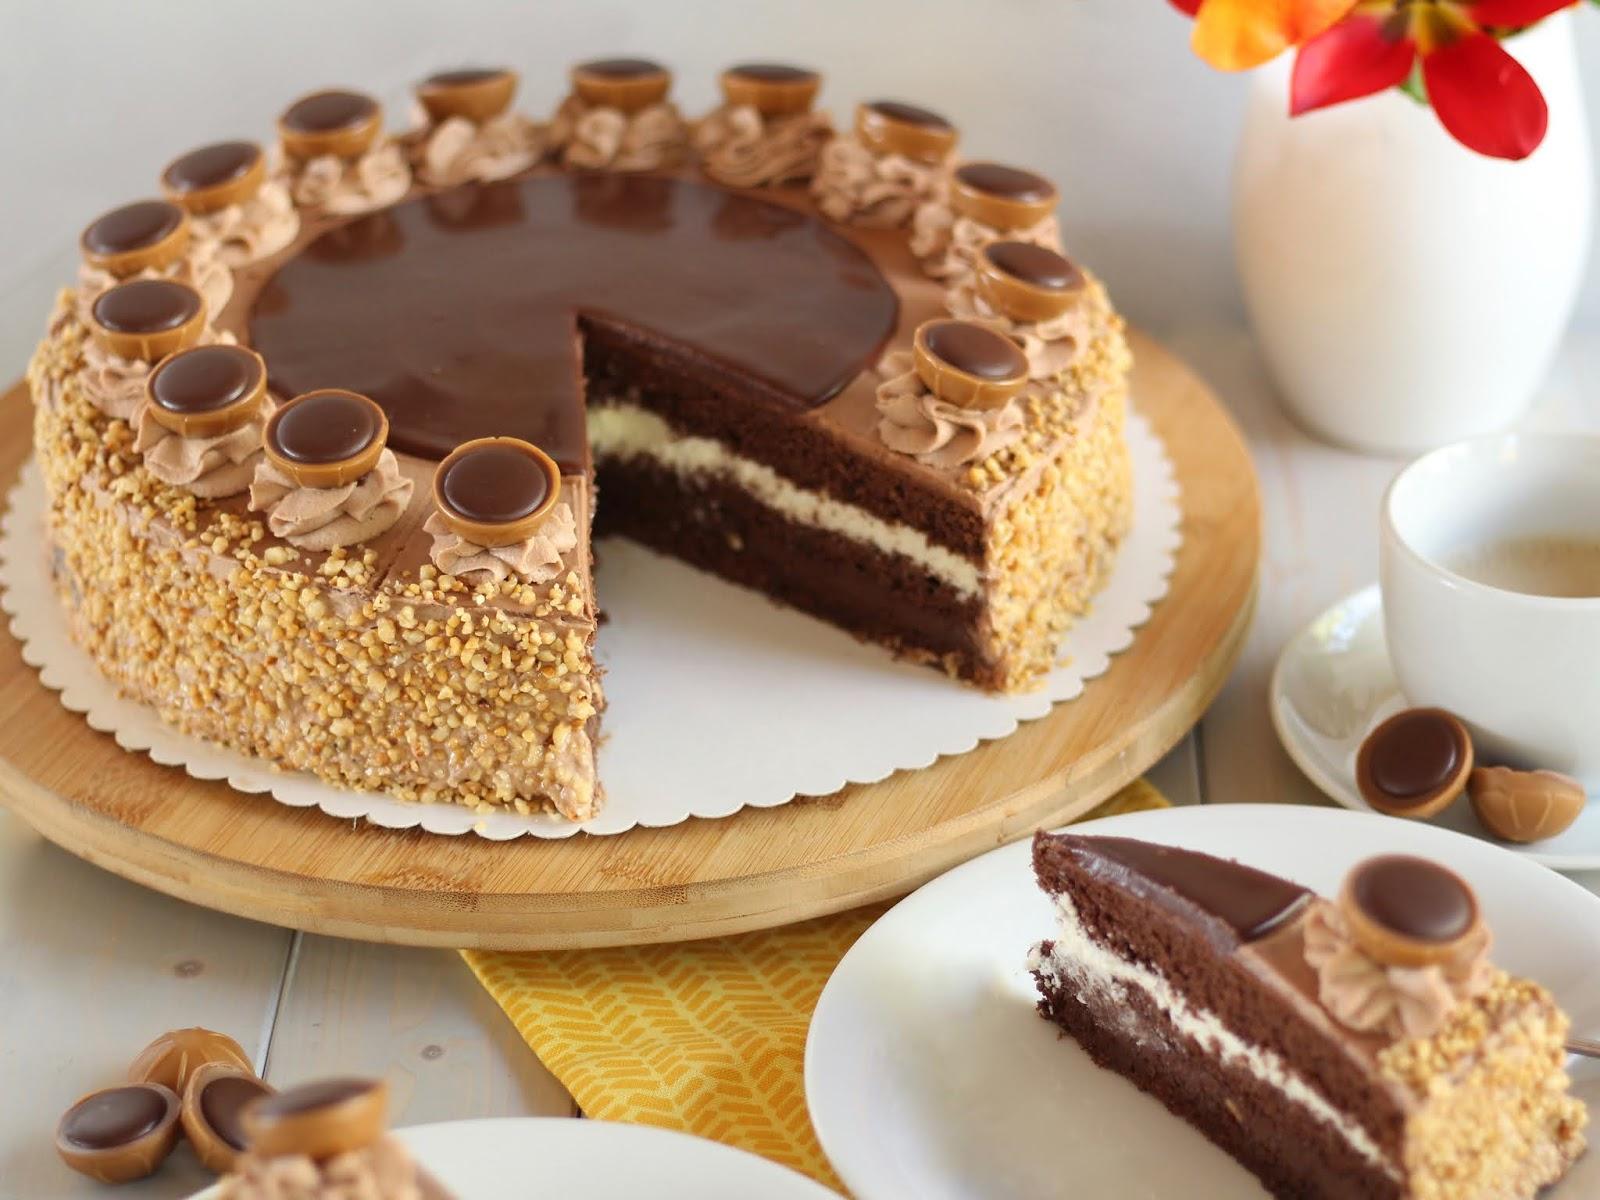 Mega leckere Toffifee-Torte mit viel Karamell, Nüssen und Schokolade! Rezept und Video von Sugarprincess